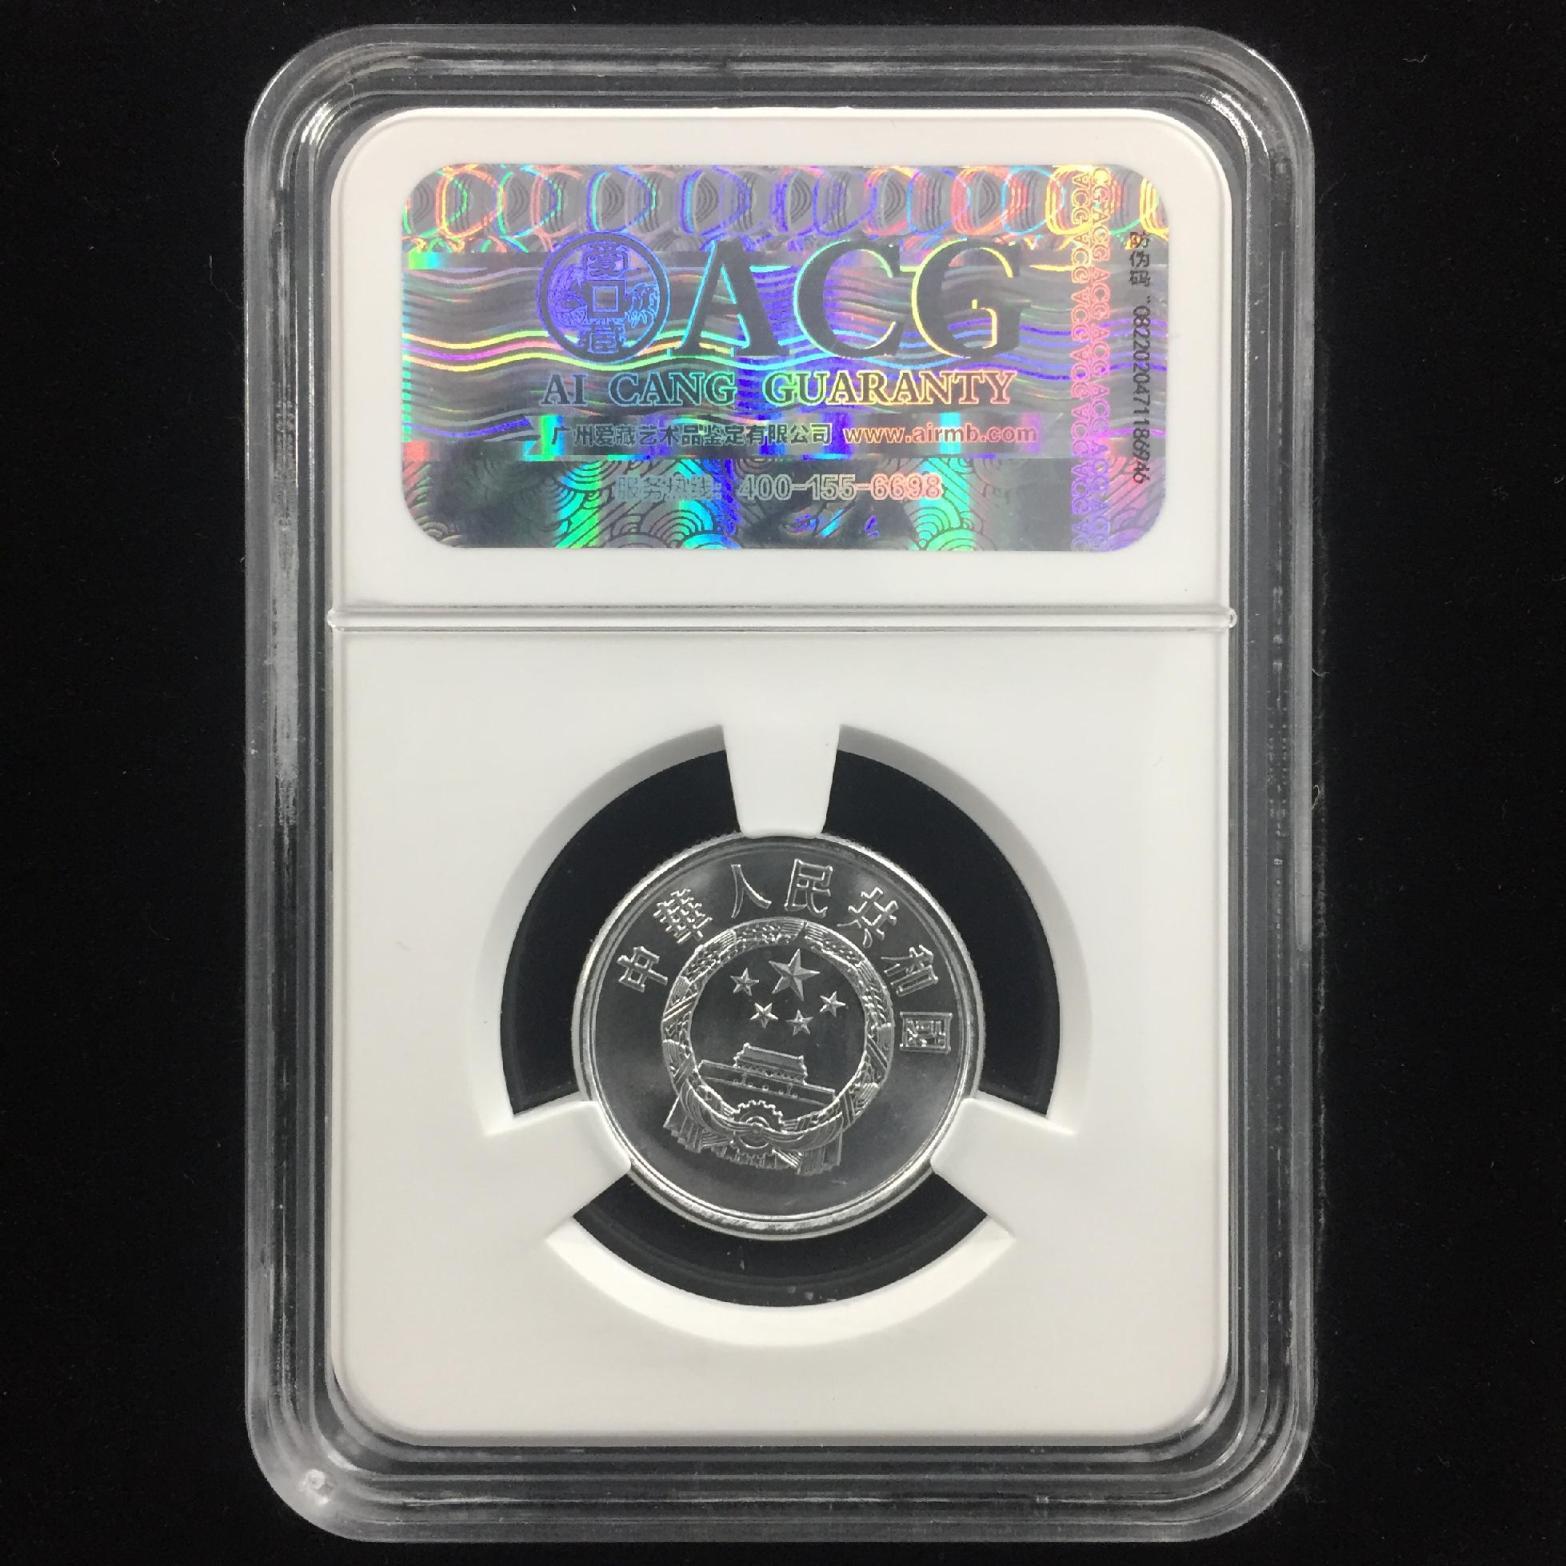 背逆币→1988年5分硬币→ACG鉴定证书-10757325